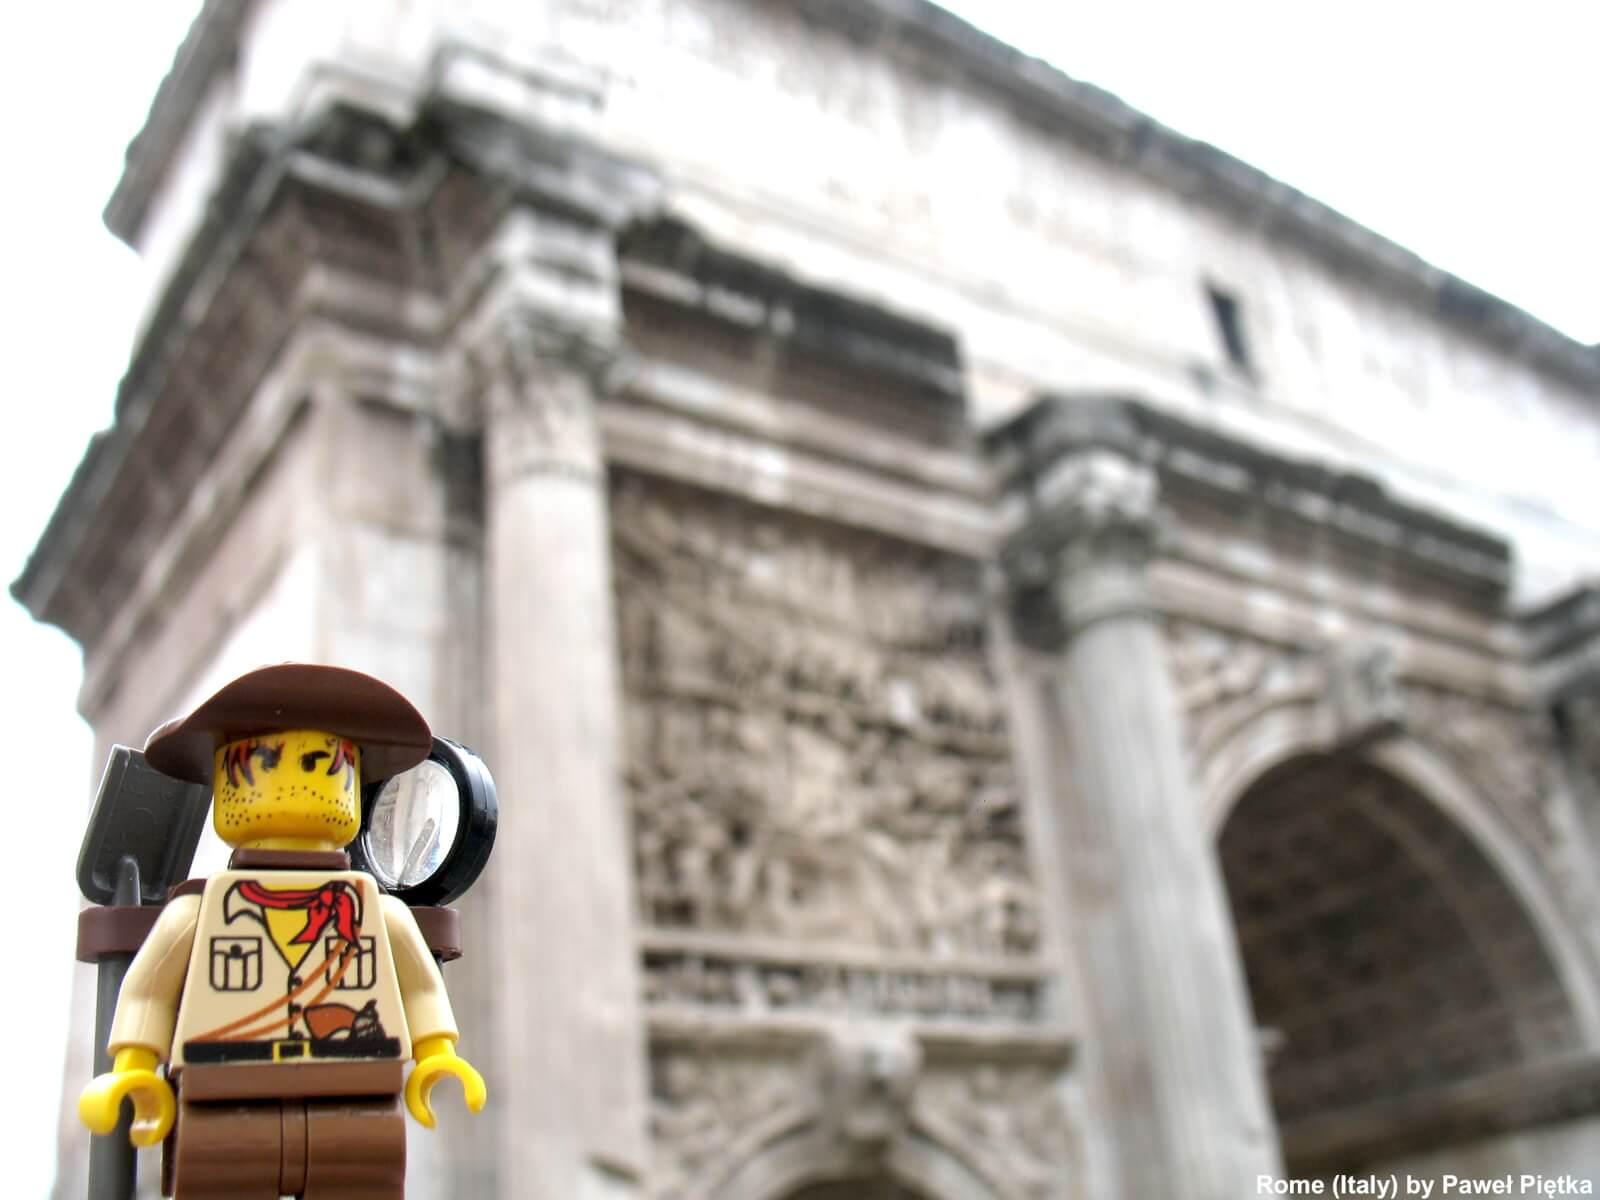 Rome (Italy) - Arch of Septimius Severus